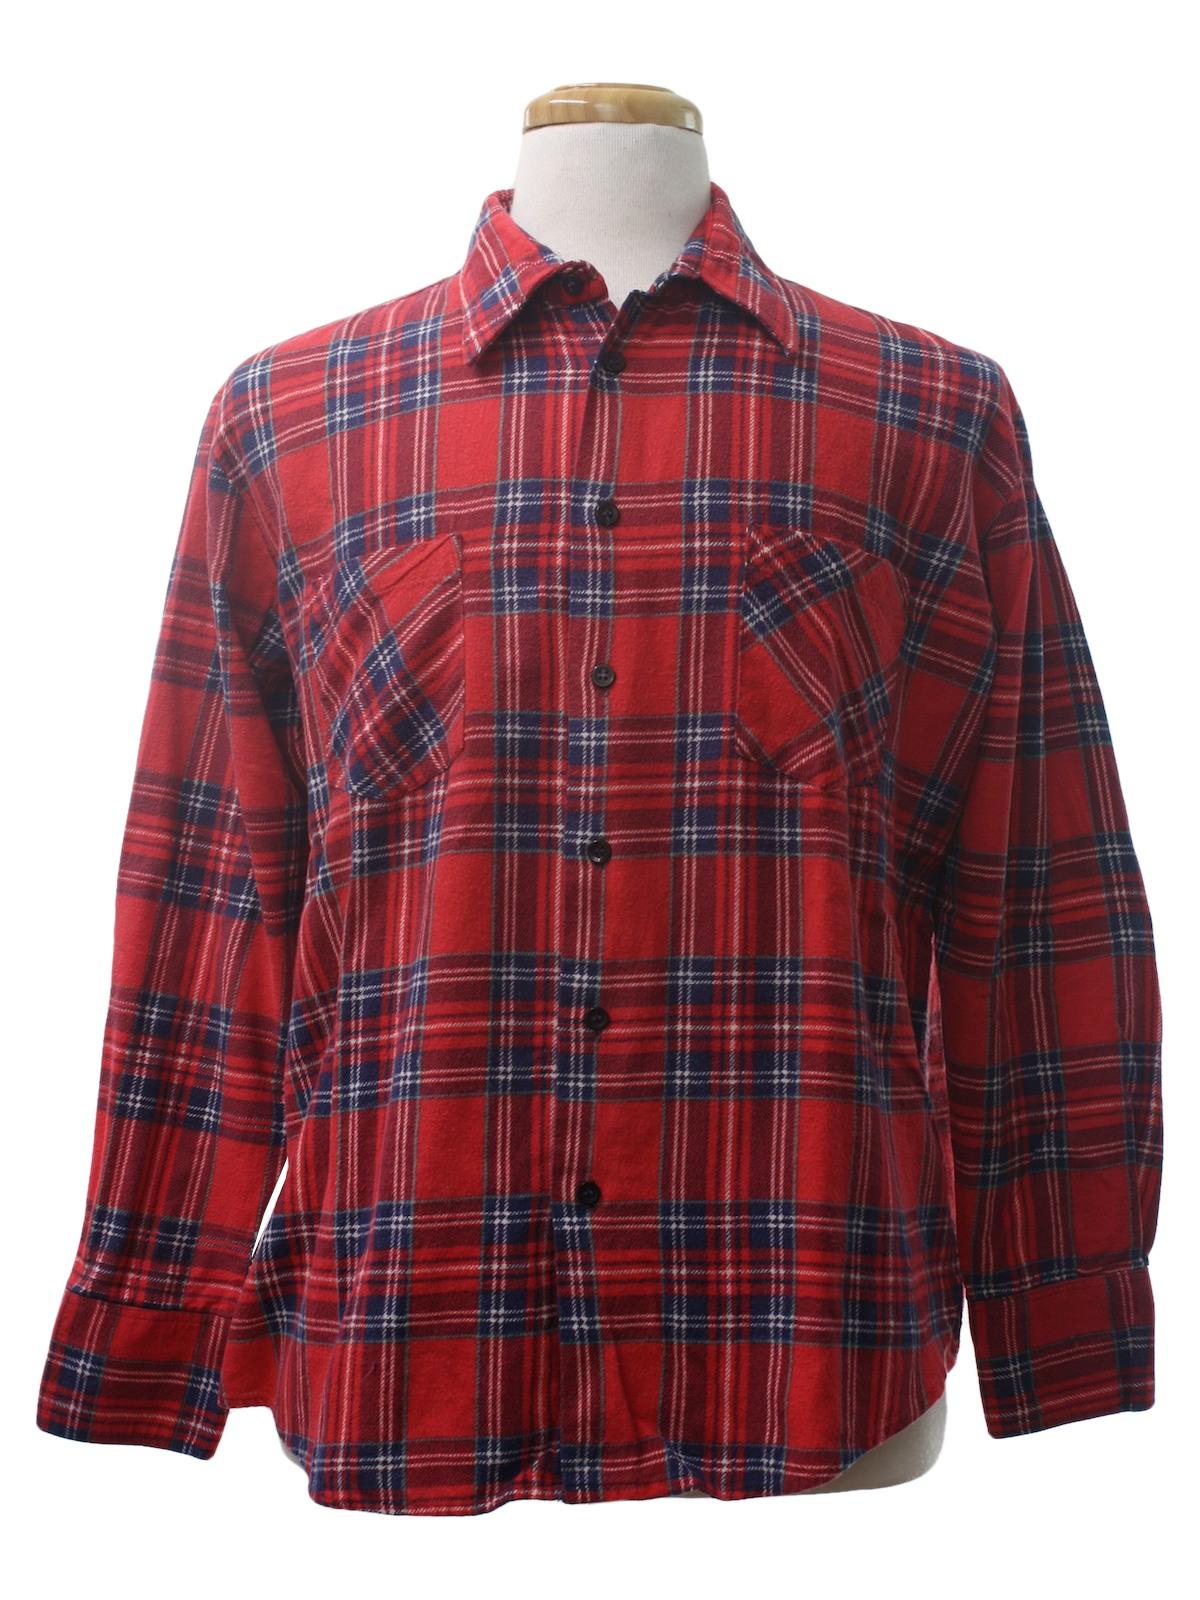 90s shirt highlander flannel 90s highlander flannel for Navy blue and red flannel shirt